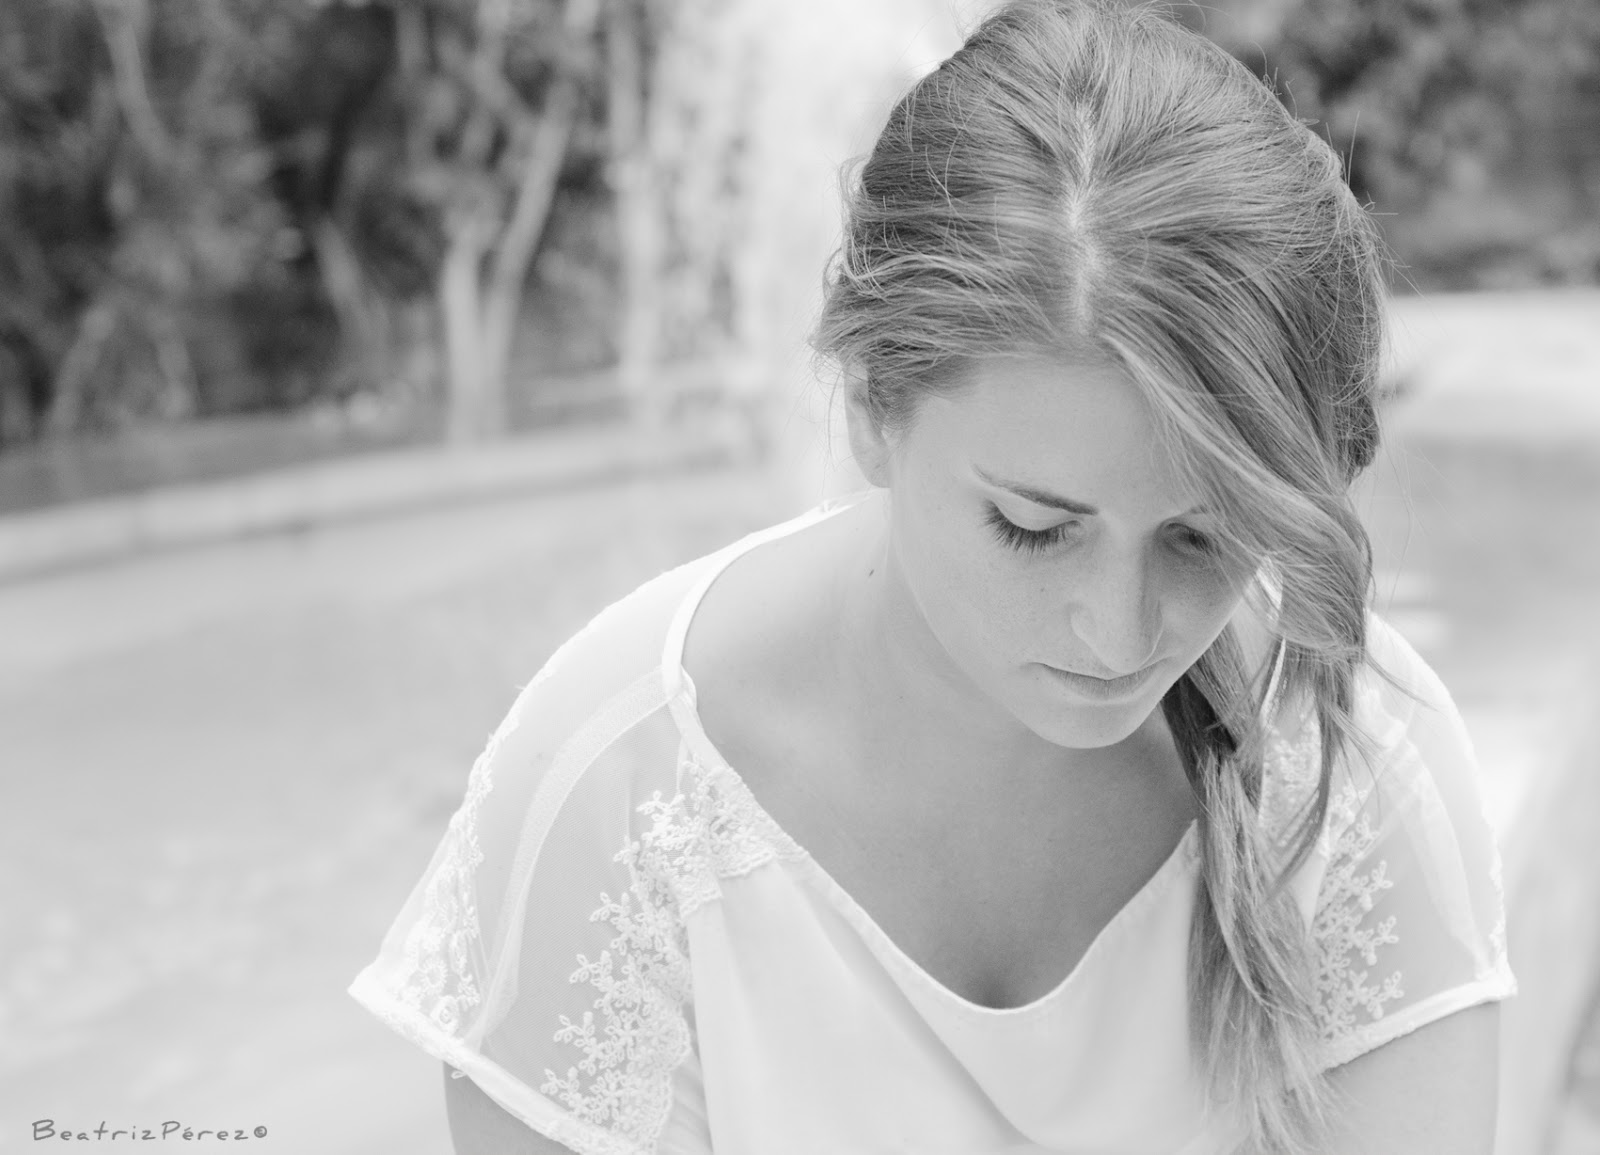 El Diván Azul: 5 trucos para mejorar tu fotografía de retrato;robado